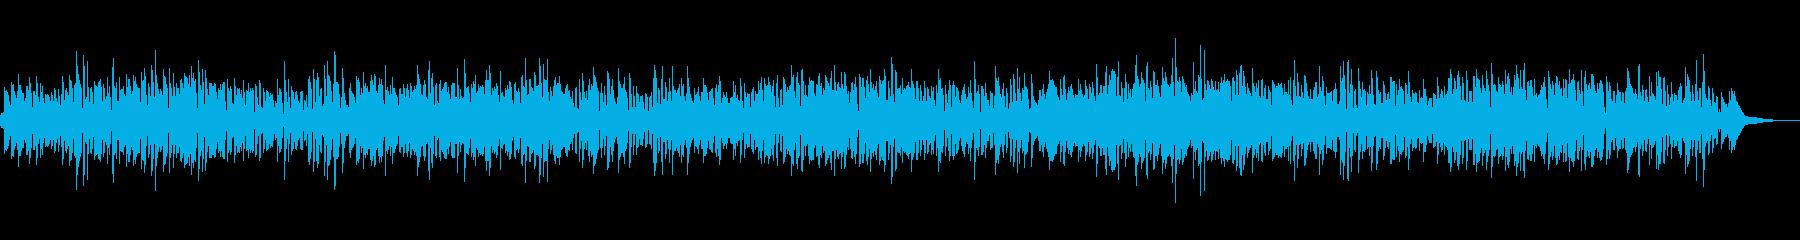 爽やかオープニングボサノバの再生済みの波形